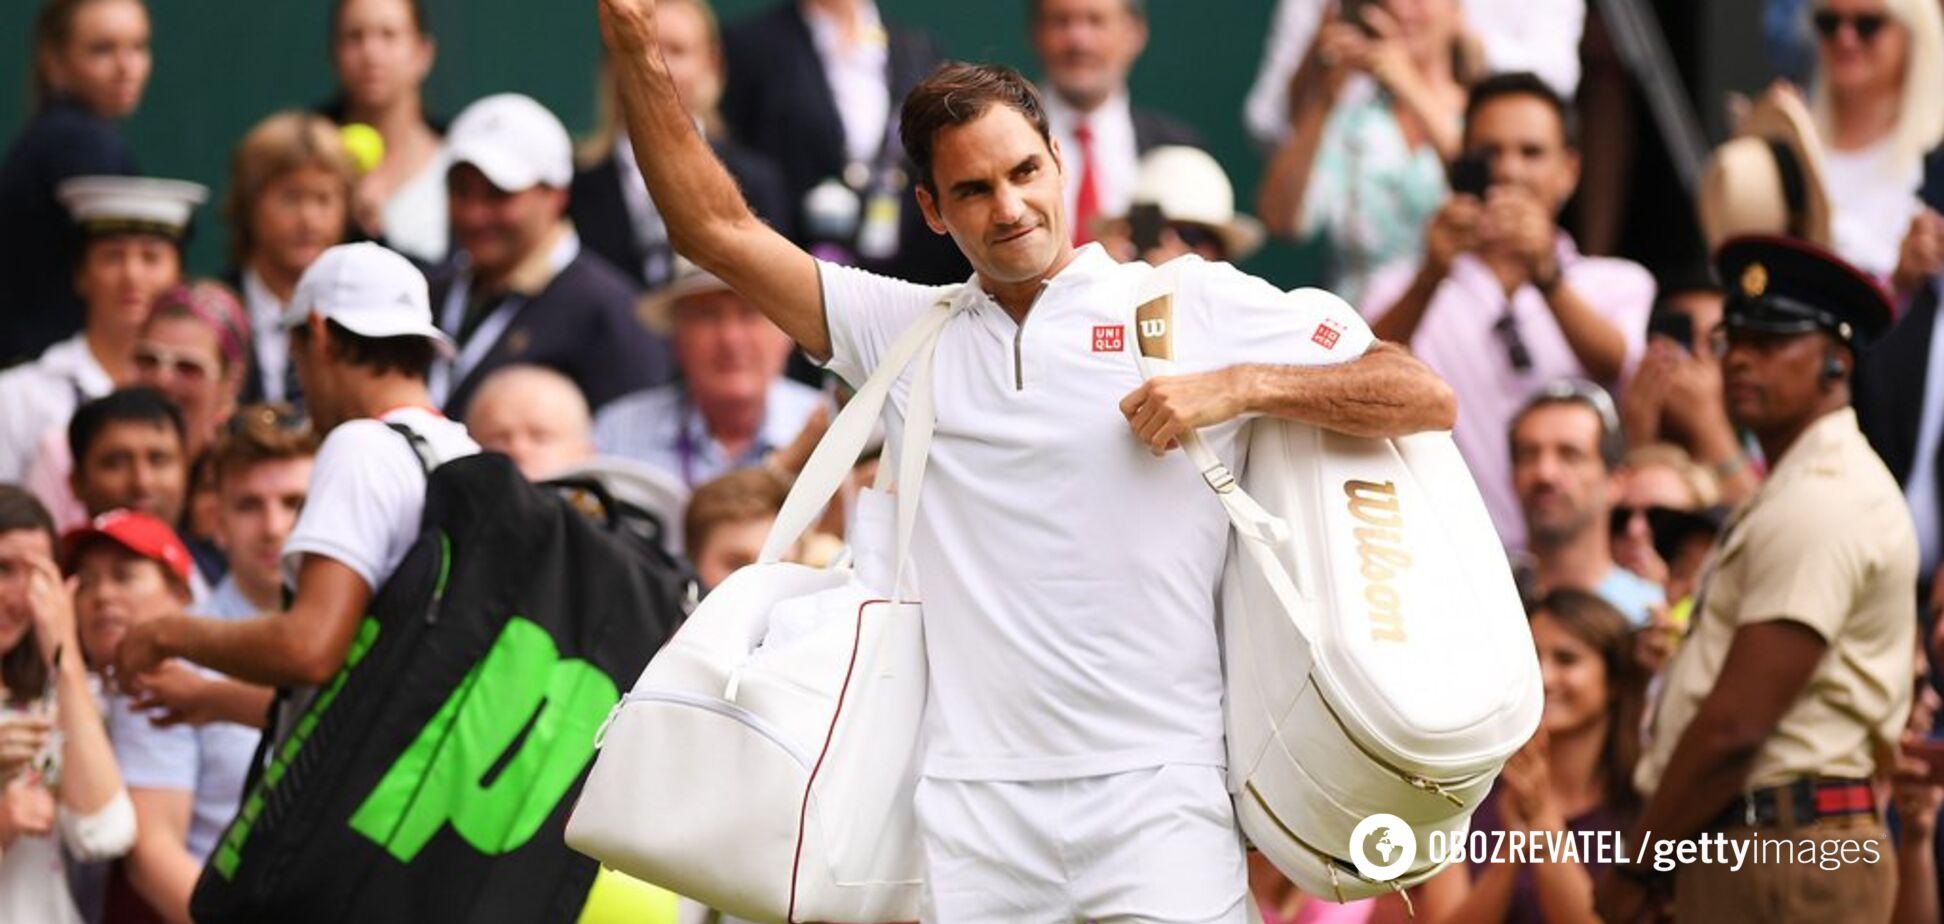 Первый человек на планете: Федерер установил уникальный рекорд в истории тенниса